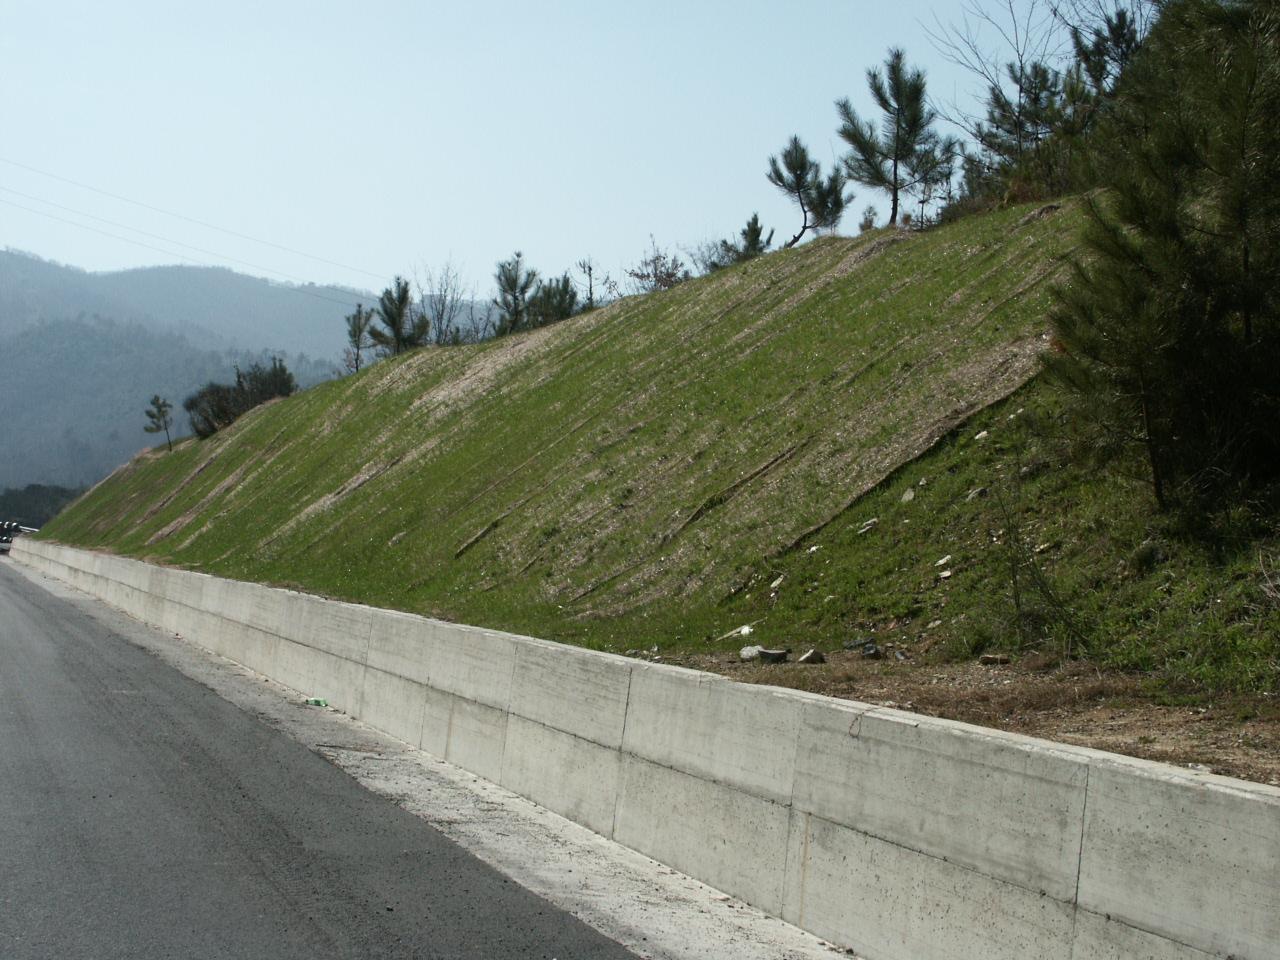 controllo erosione